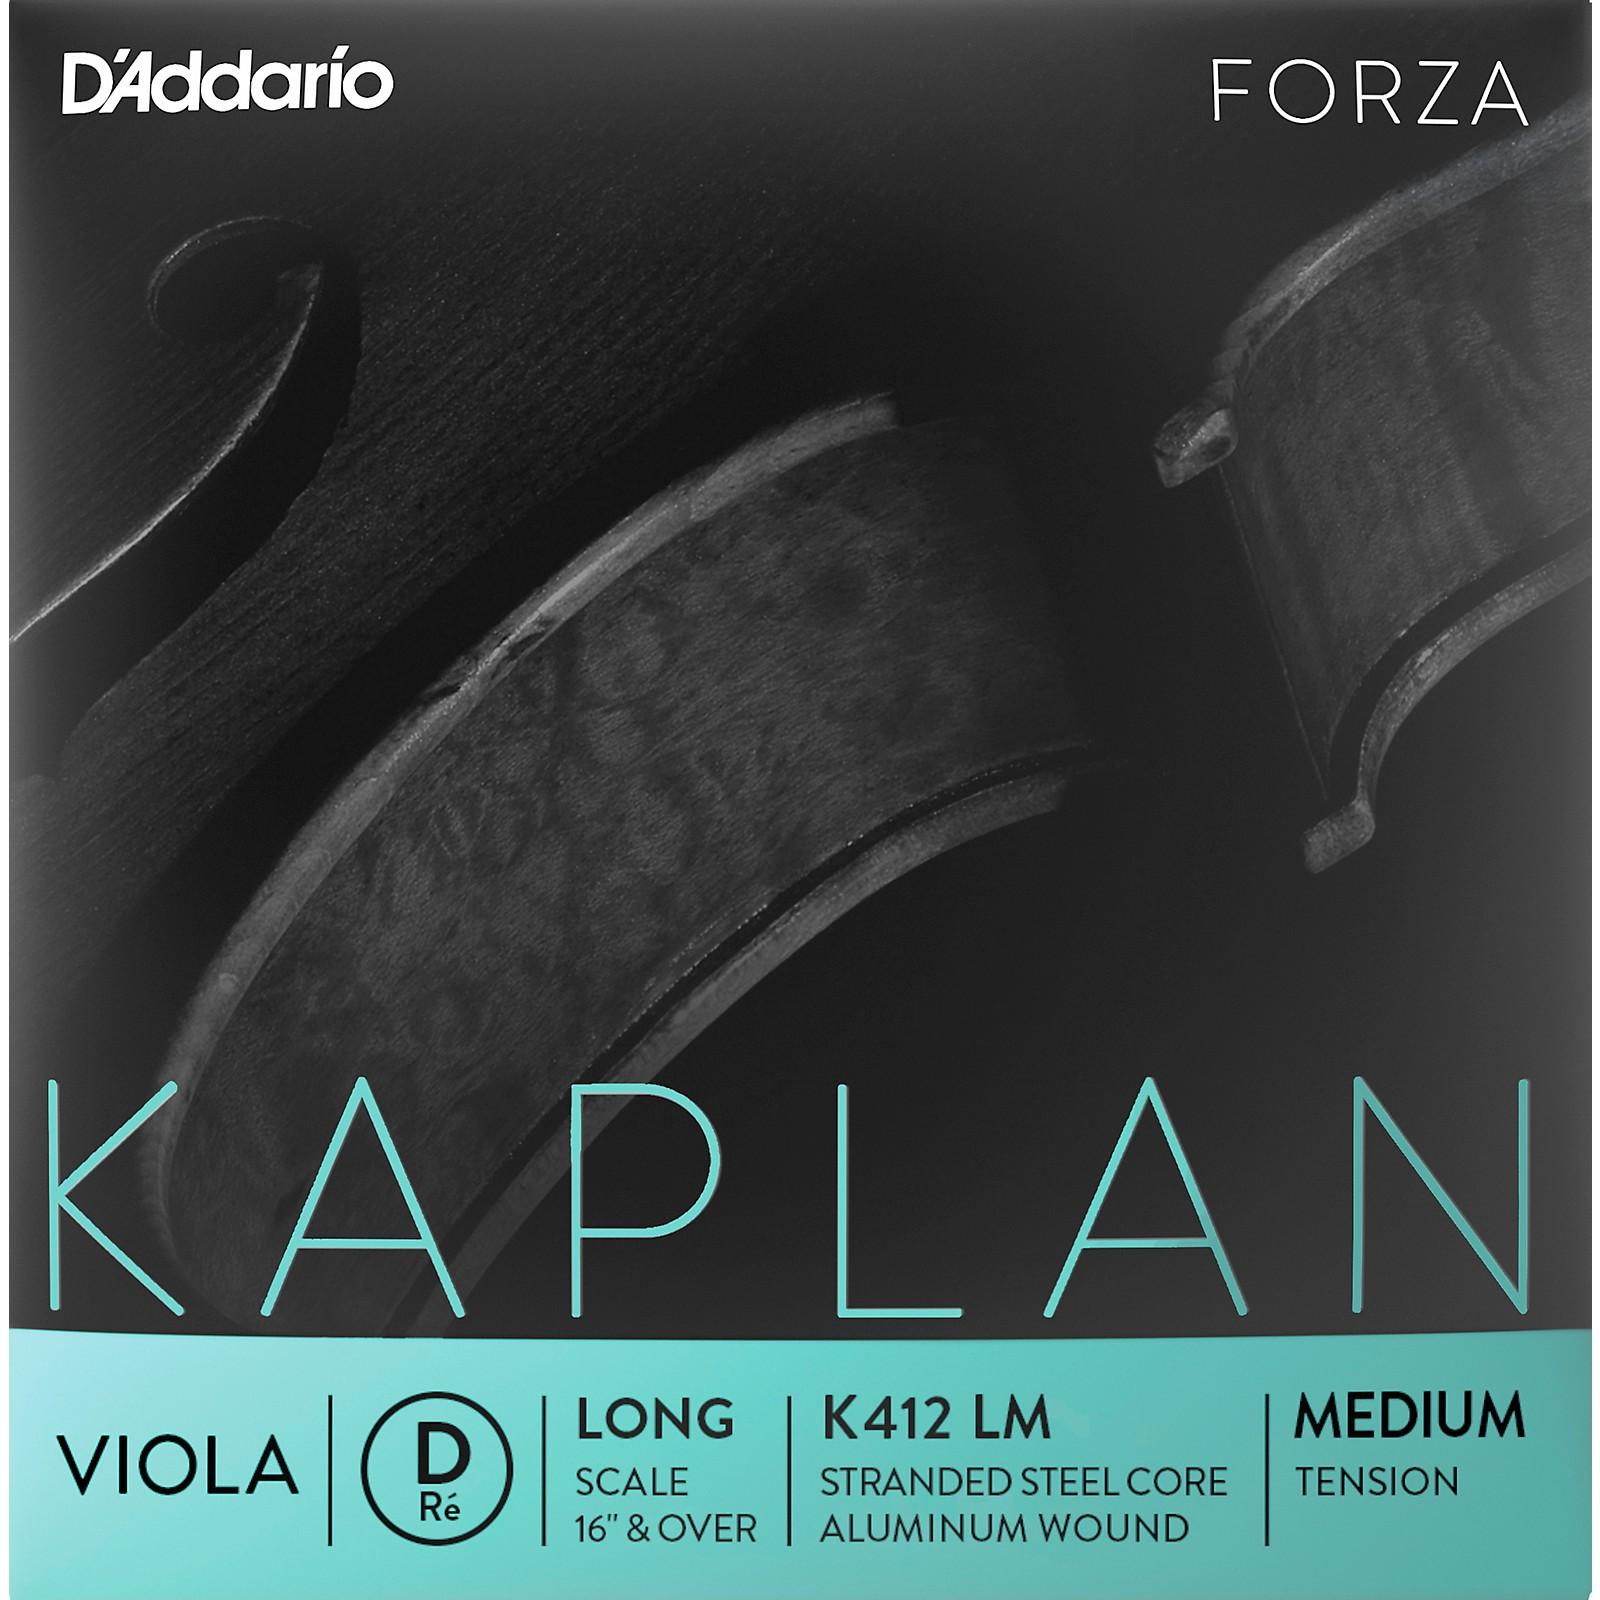 D'Addario Kaplan Series Viola D String